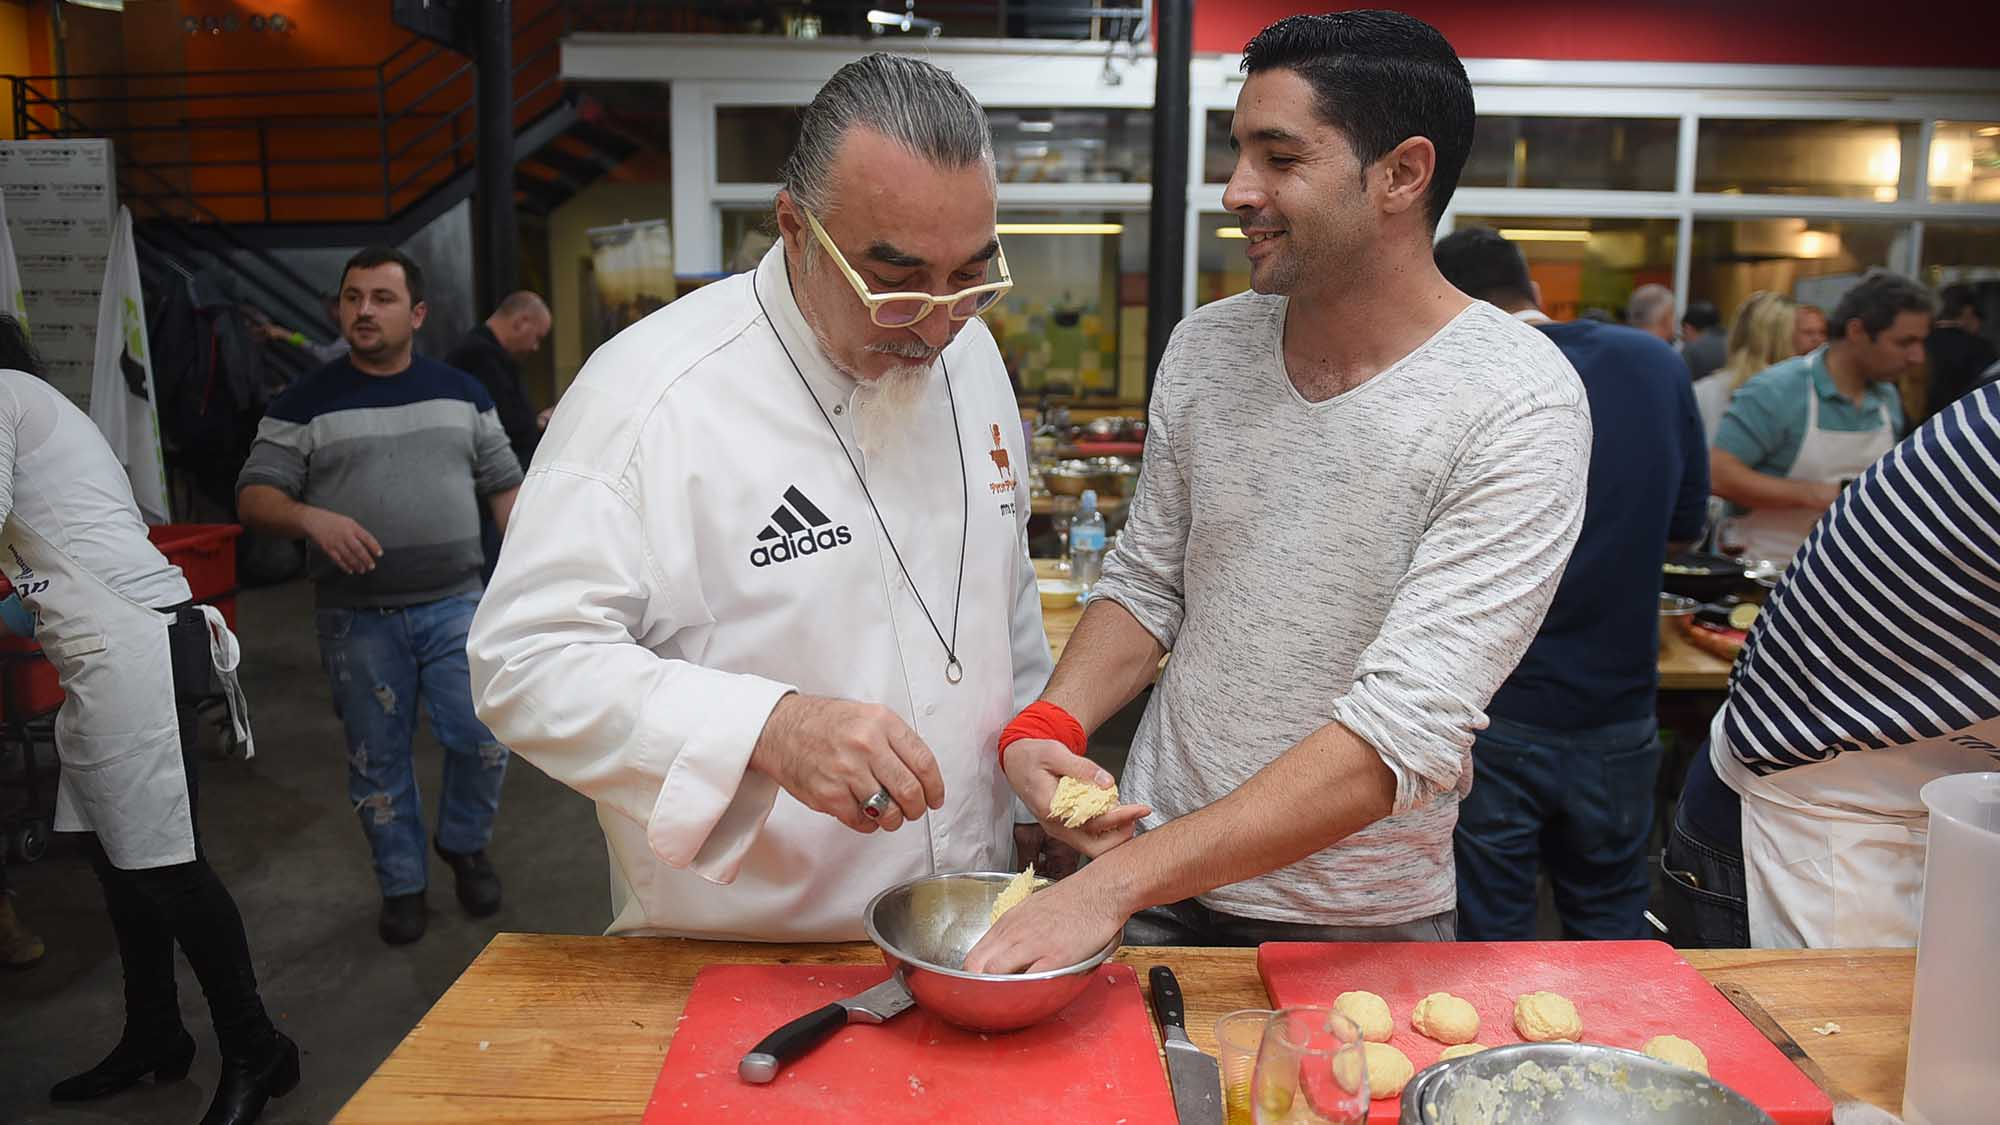 משחק Top Chef לומדים להכין אוכל